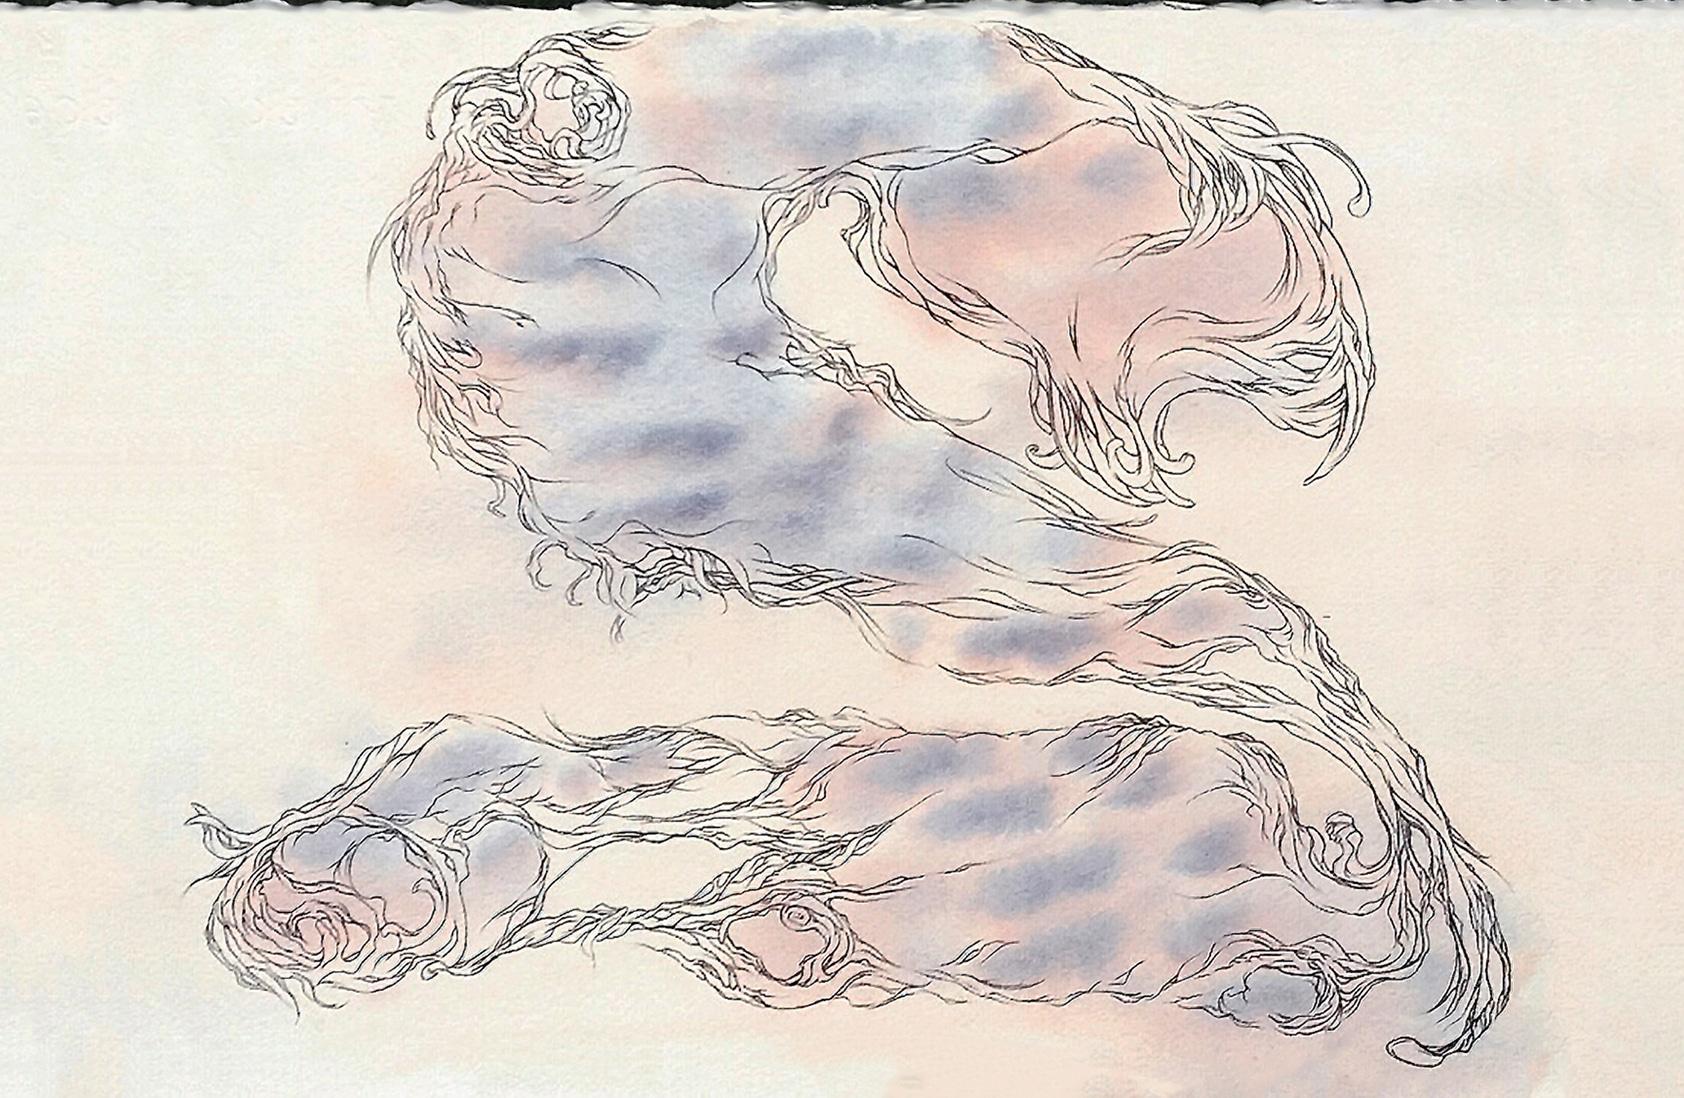 Chiffre-2-mc-arrighi-dessin-contemporain-illustration-l-homme-révolté-d'albert-camus